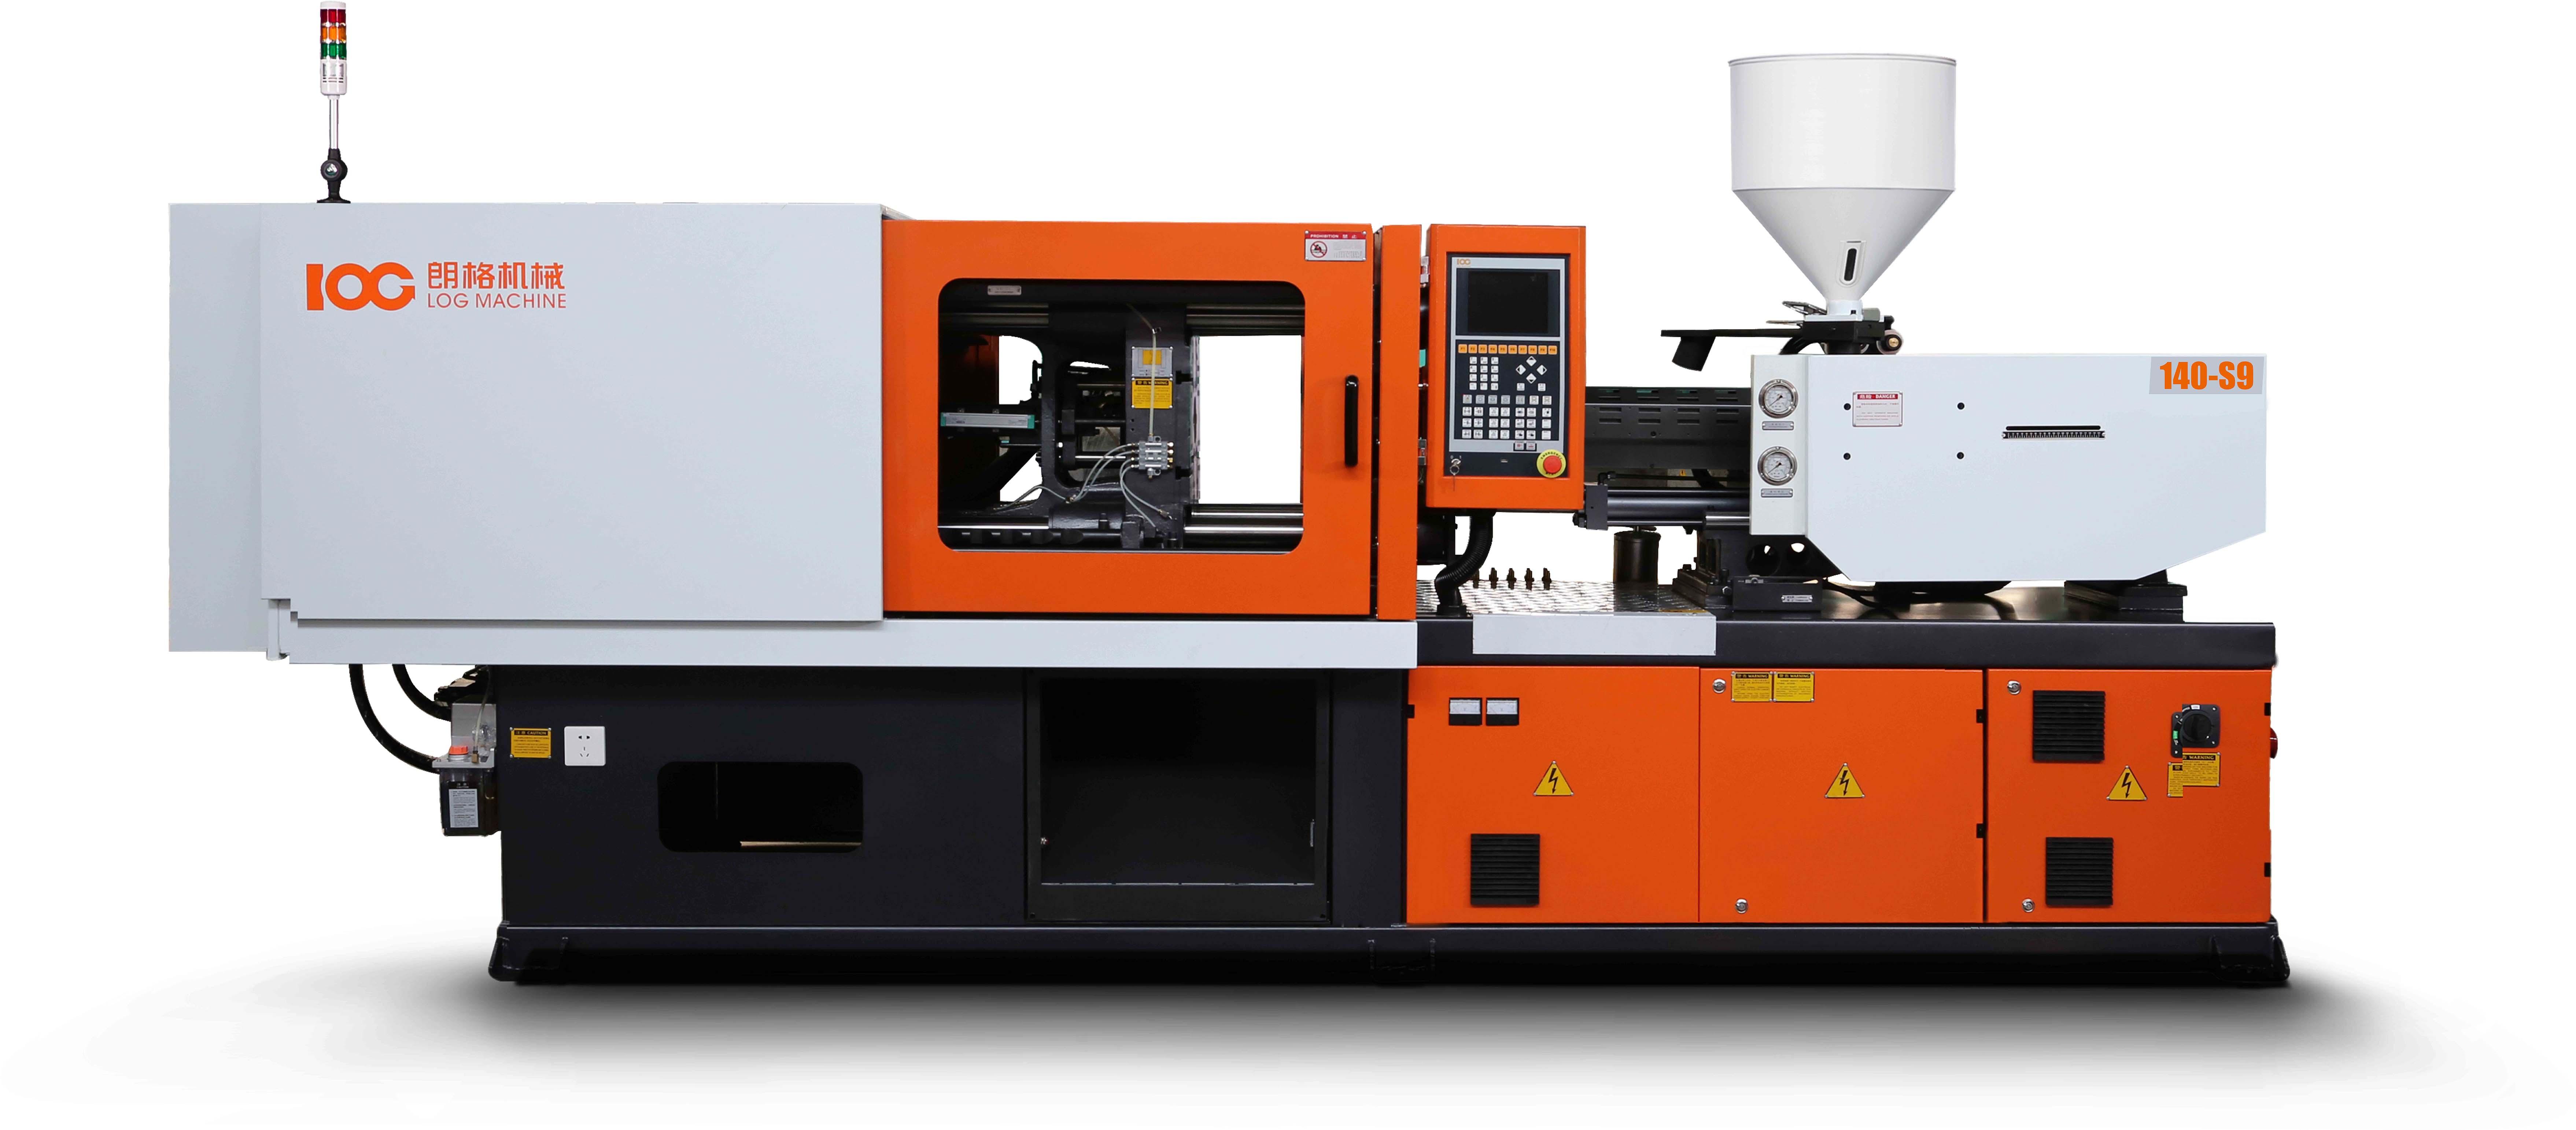 Système de servomoteur LOG-S9 140T et machine de moulage par injection à économie d'énergie